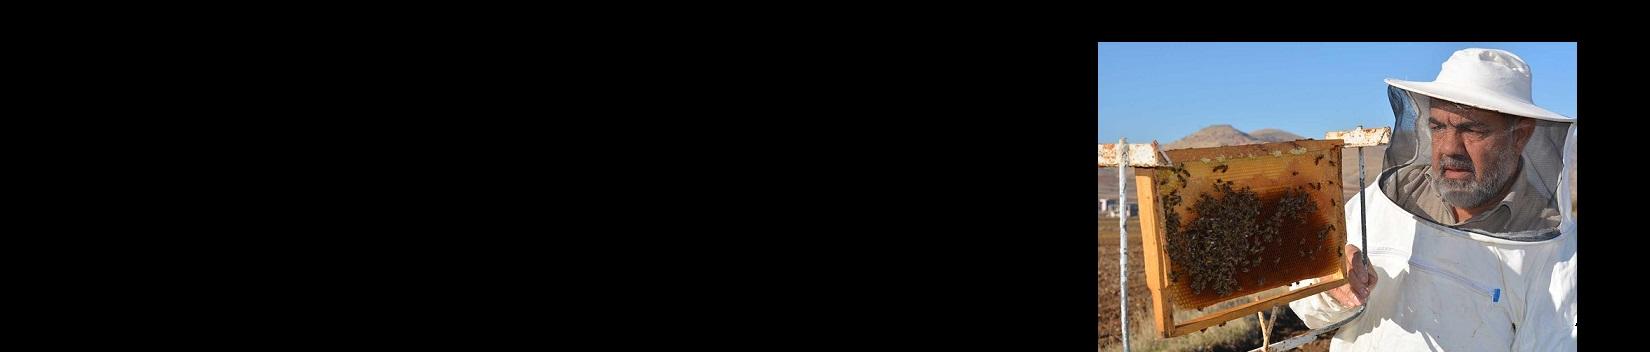 Celal Aksünger